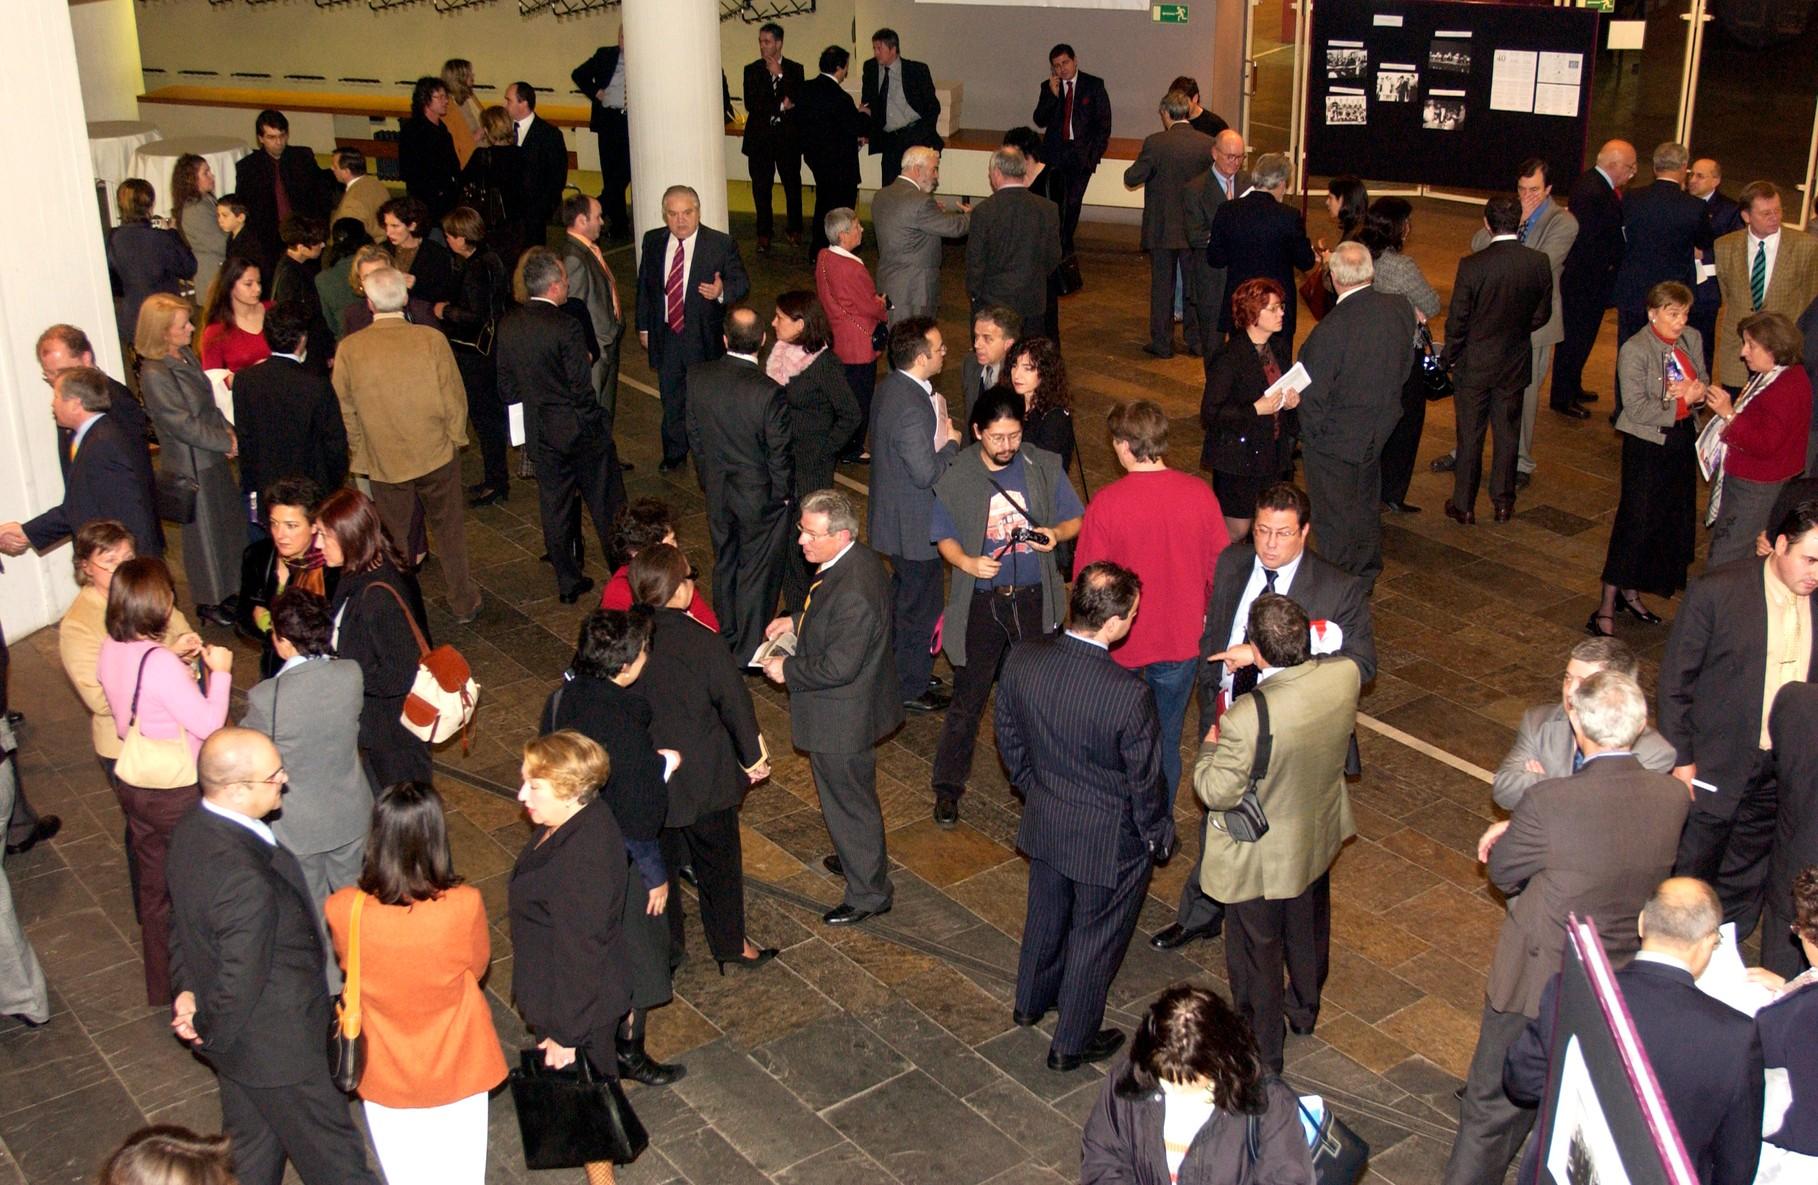 Aspecto do público nas comemorações dos quarenta anos da Comunidade portuguesa da Alemanha em Berlim, 2004